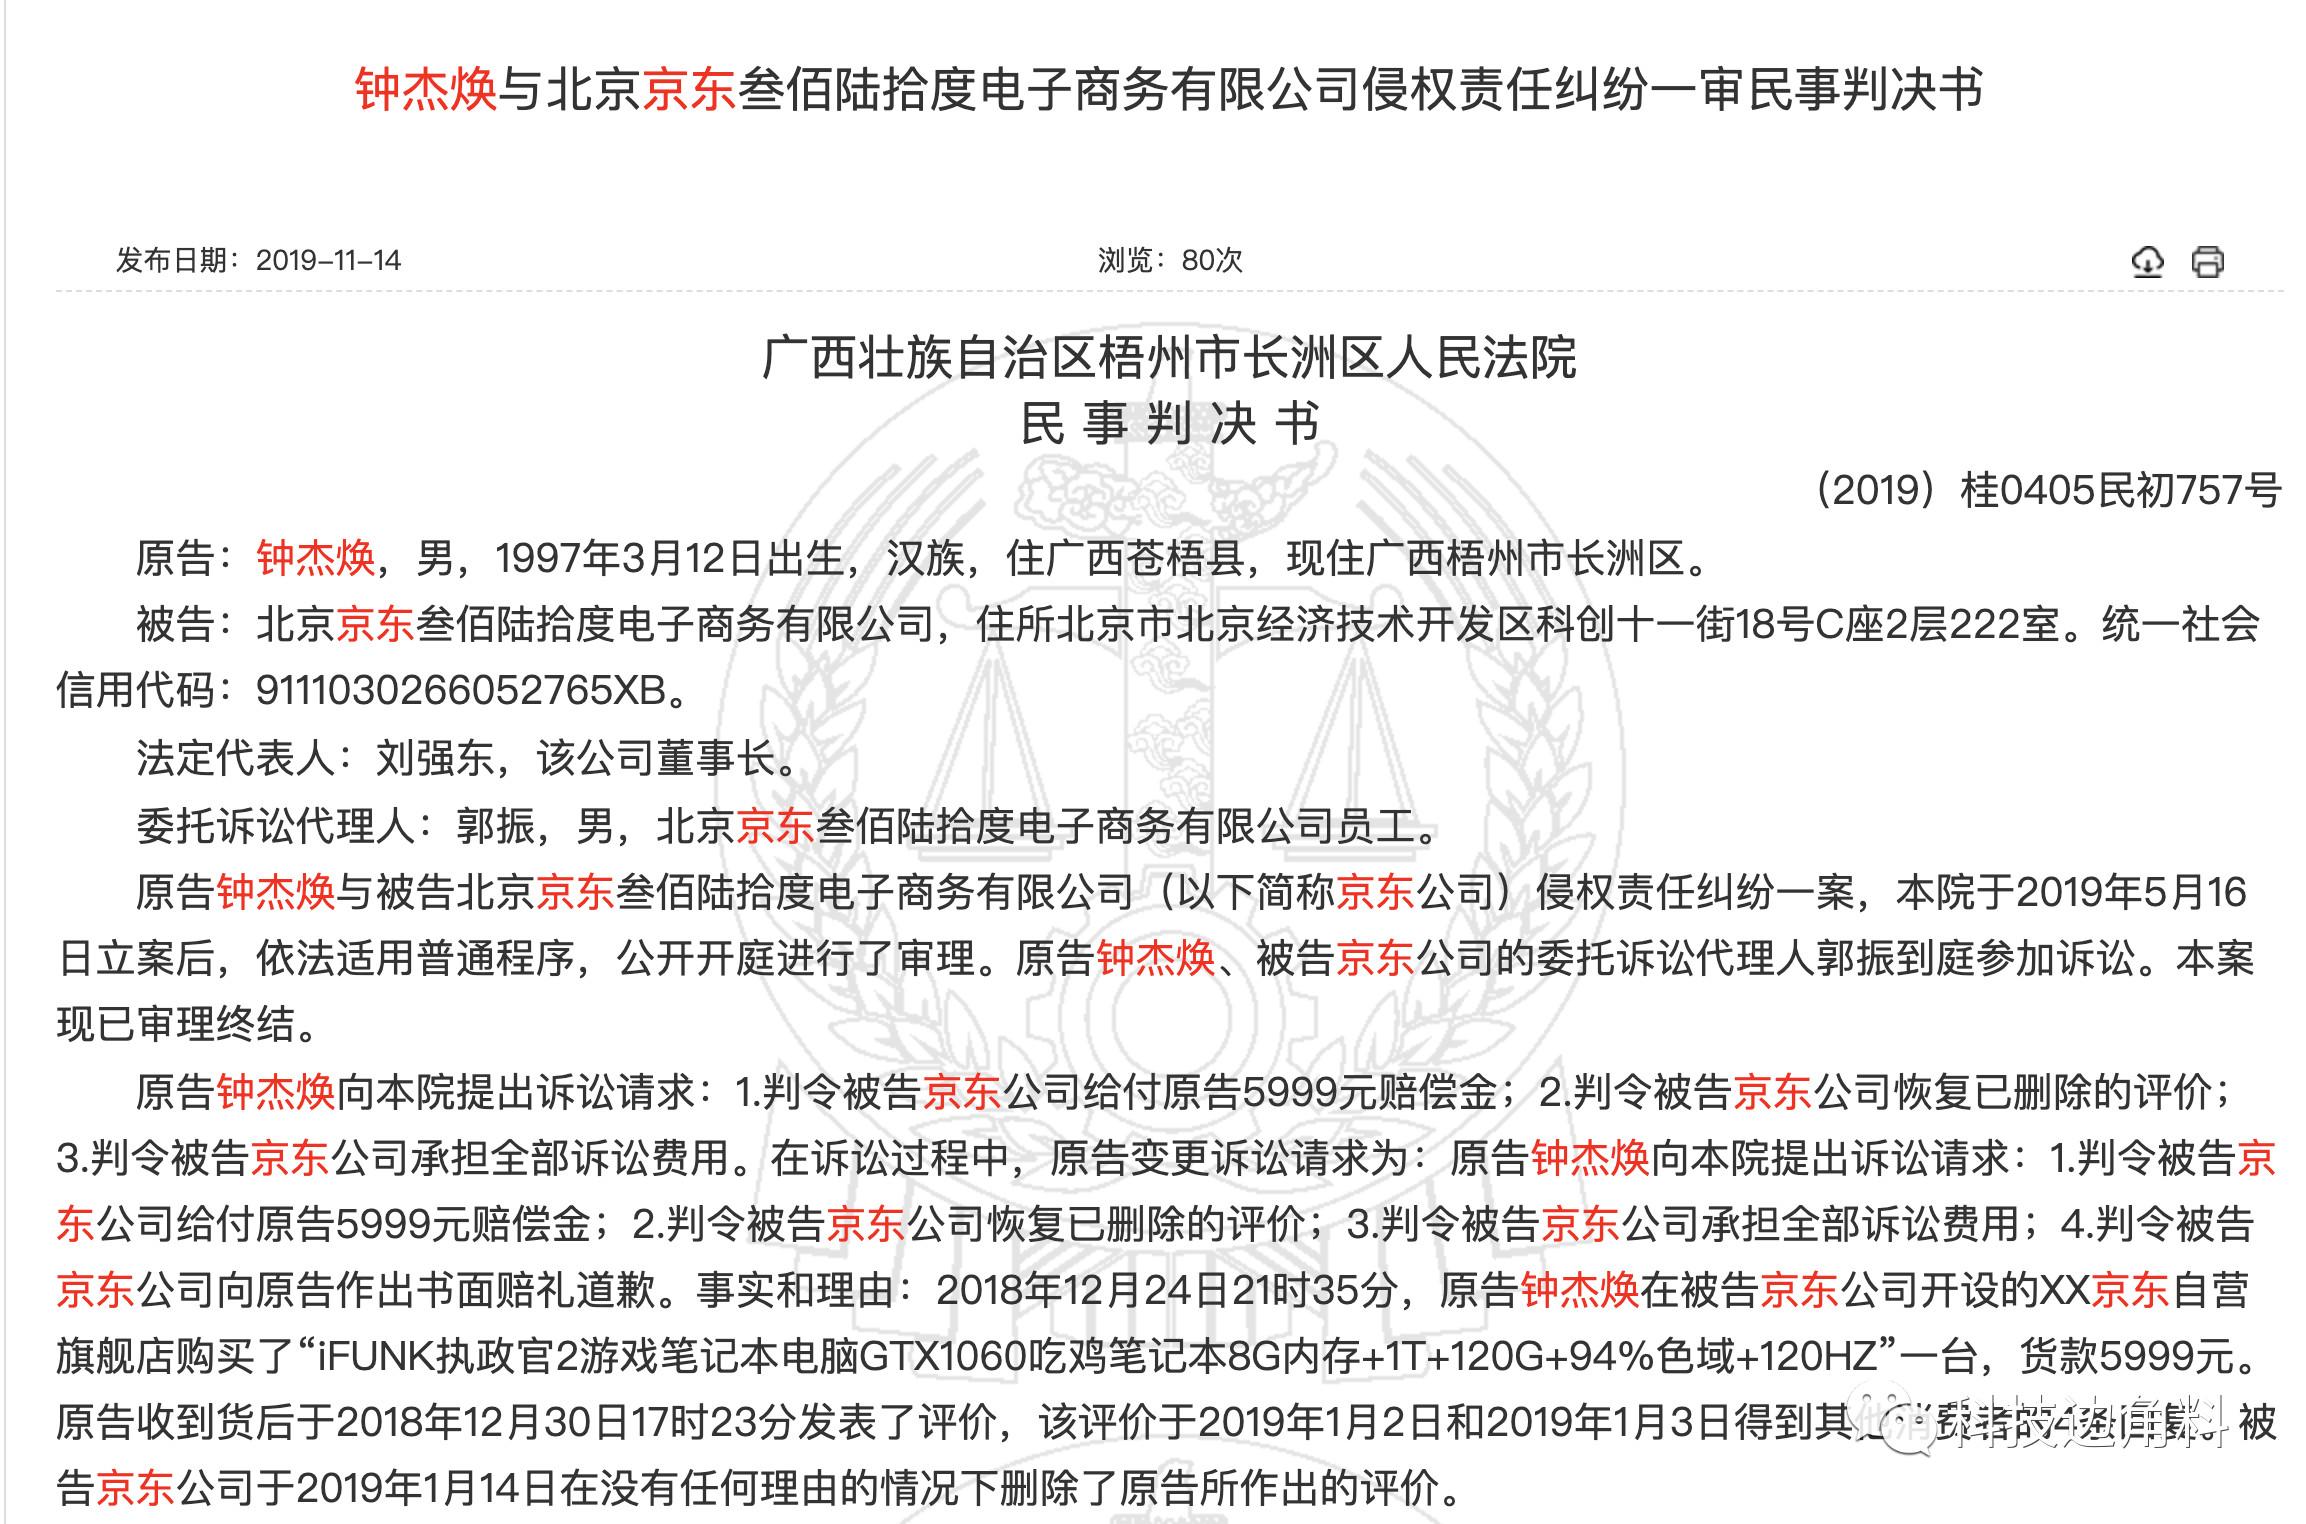 奇葩消費者寫差評被刪反向京東索賠5999元